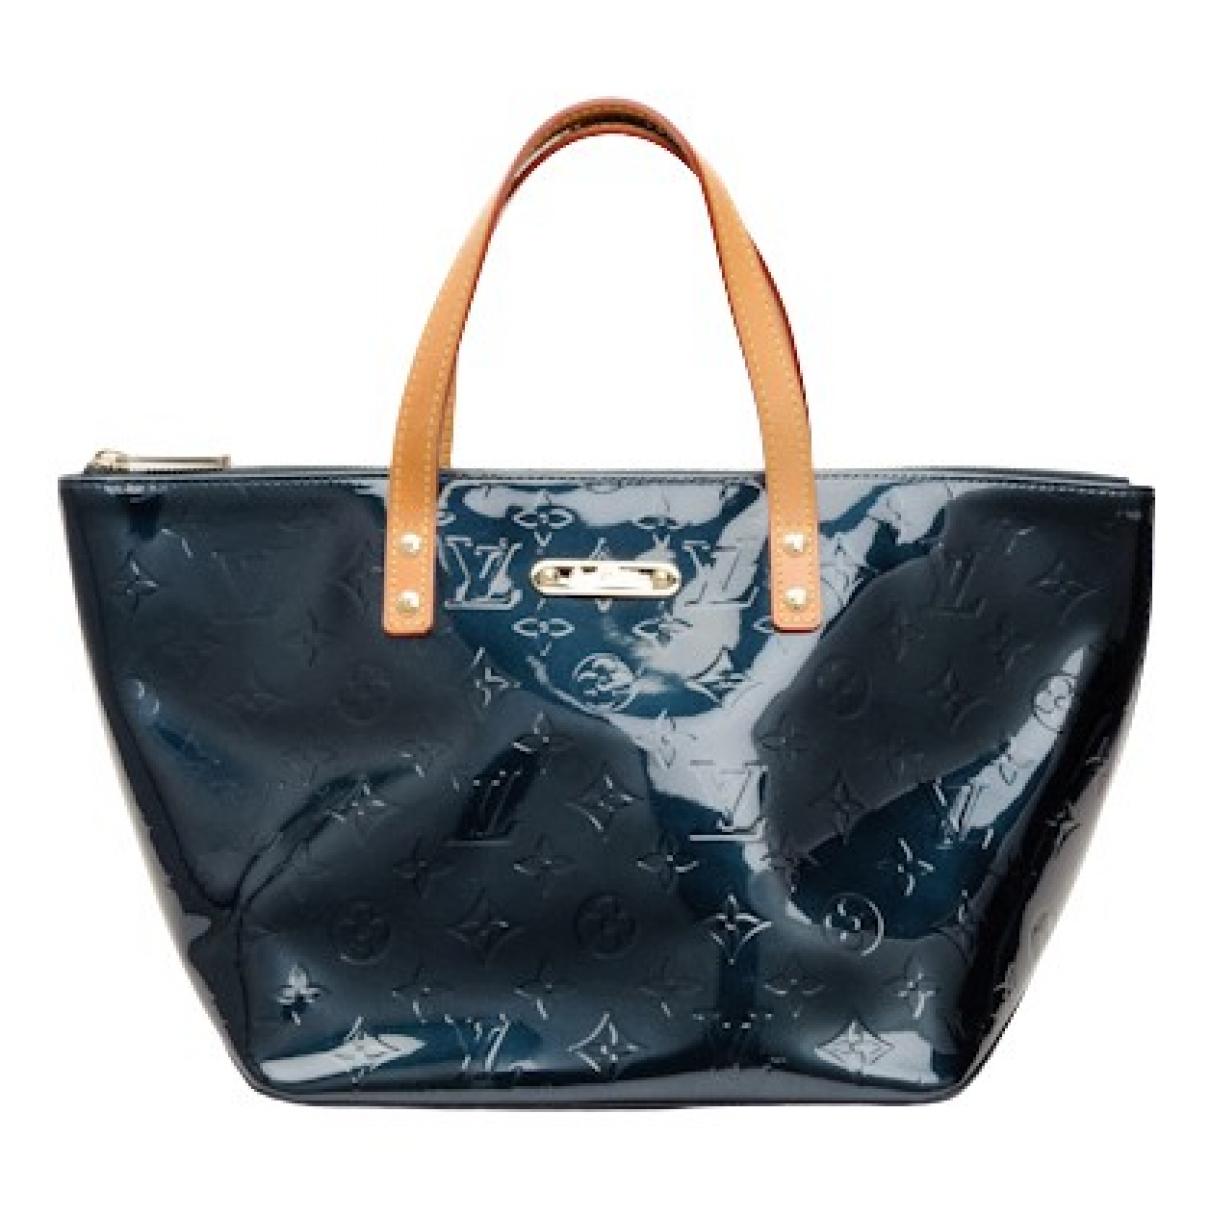 Louis Vuitton Bellevue Blue Patent leather handbag for Women \N